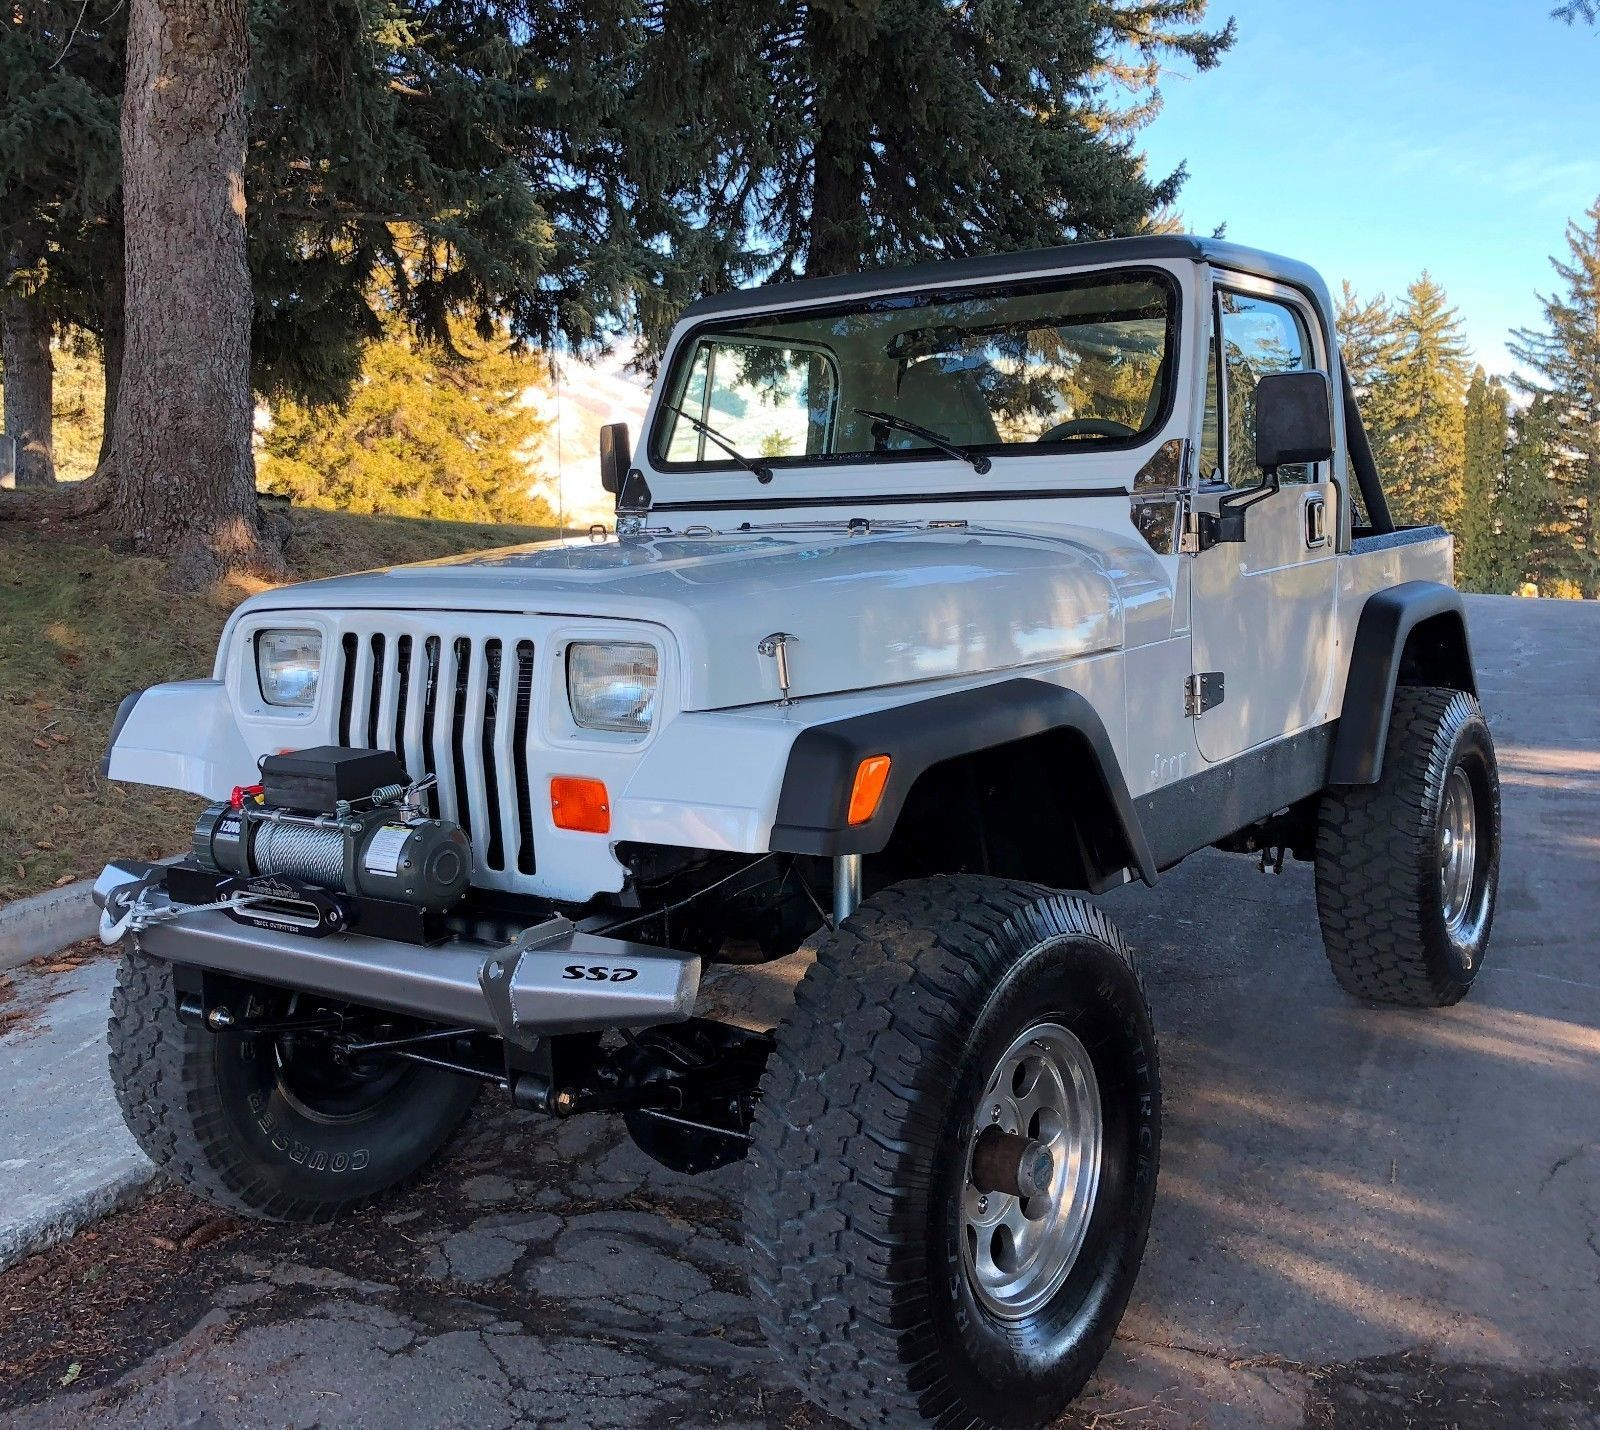 1989 Jeep Wrangler 1989 JEEP WRANGLER YJ